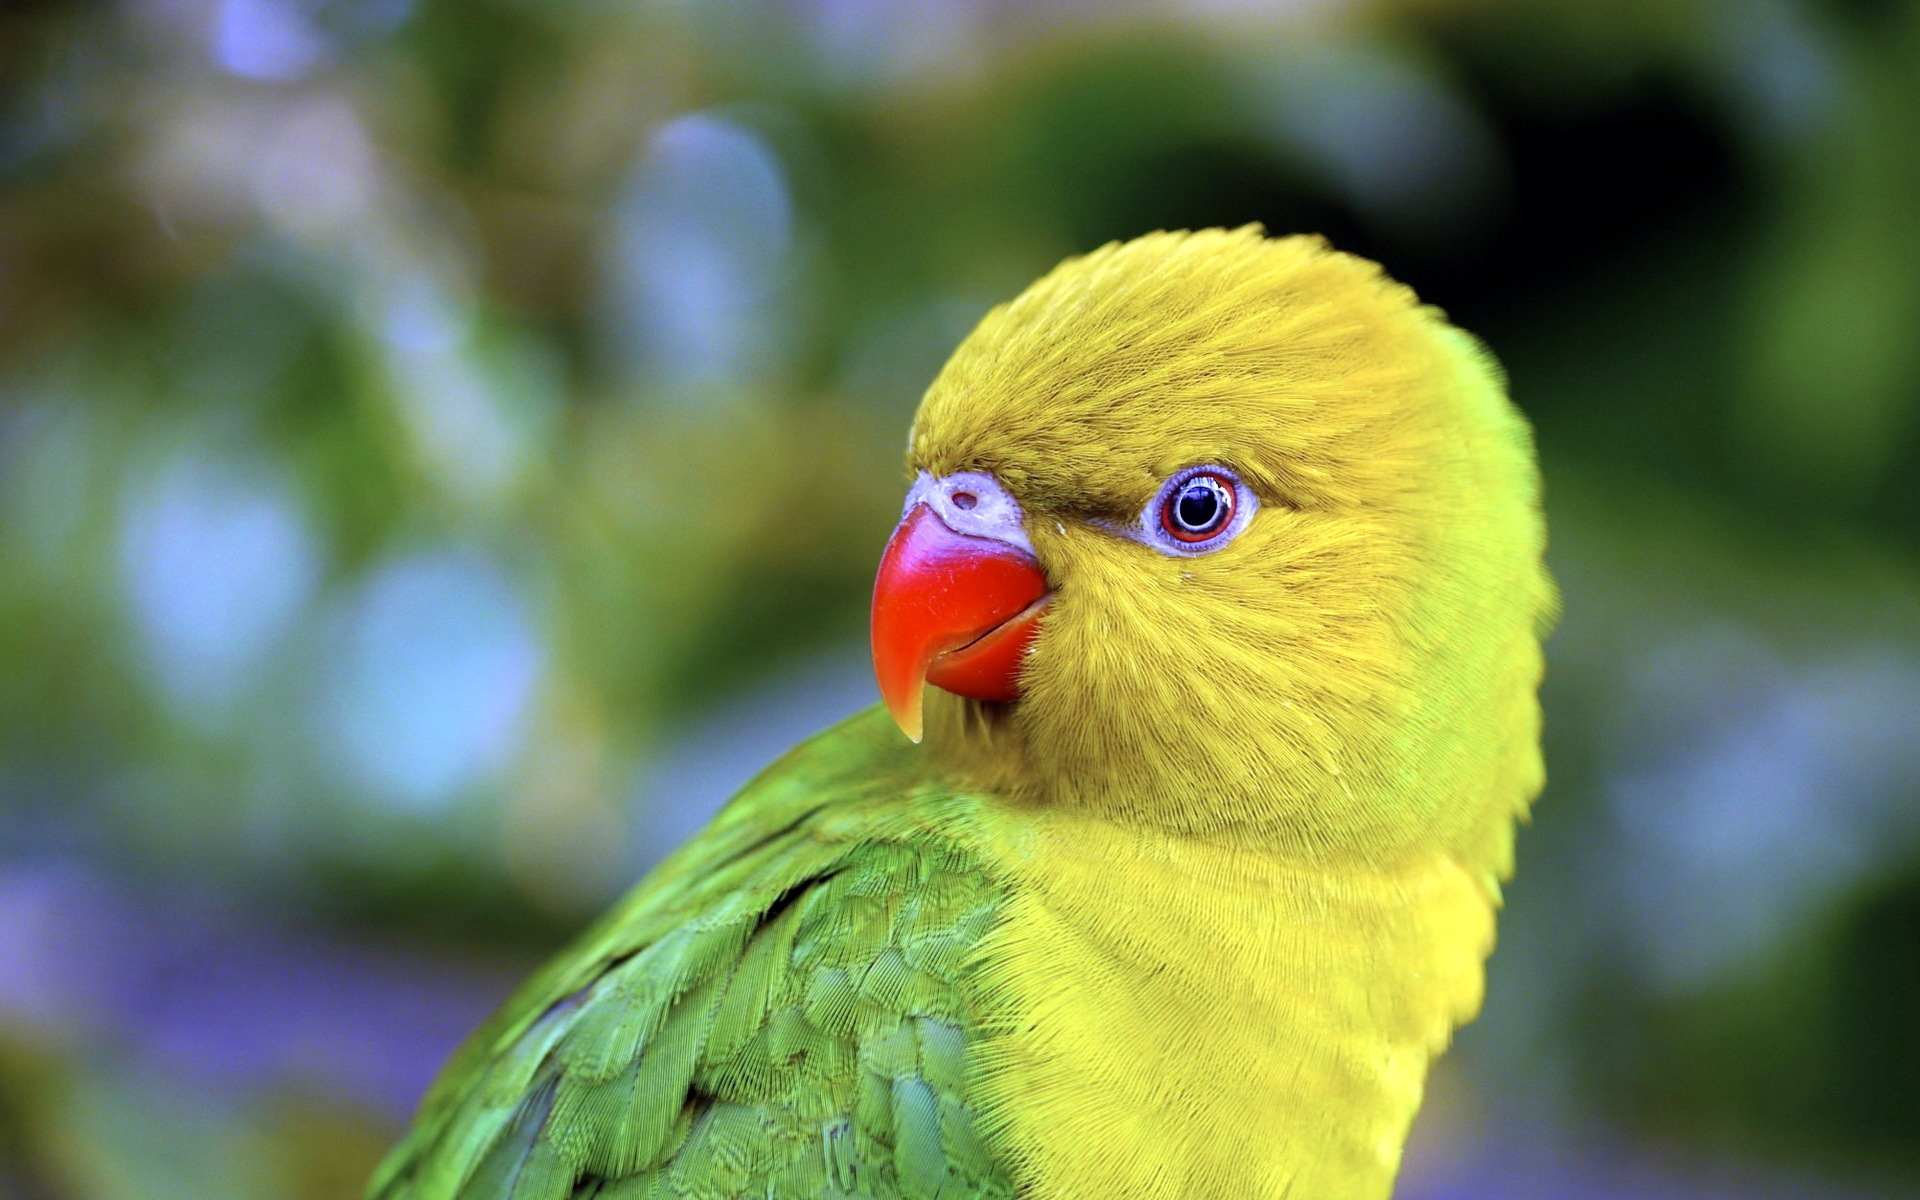 природа животные птицы попугаи  № 103542 загрузить